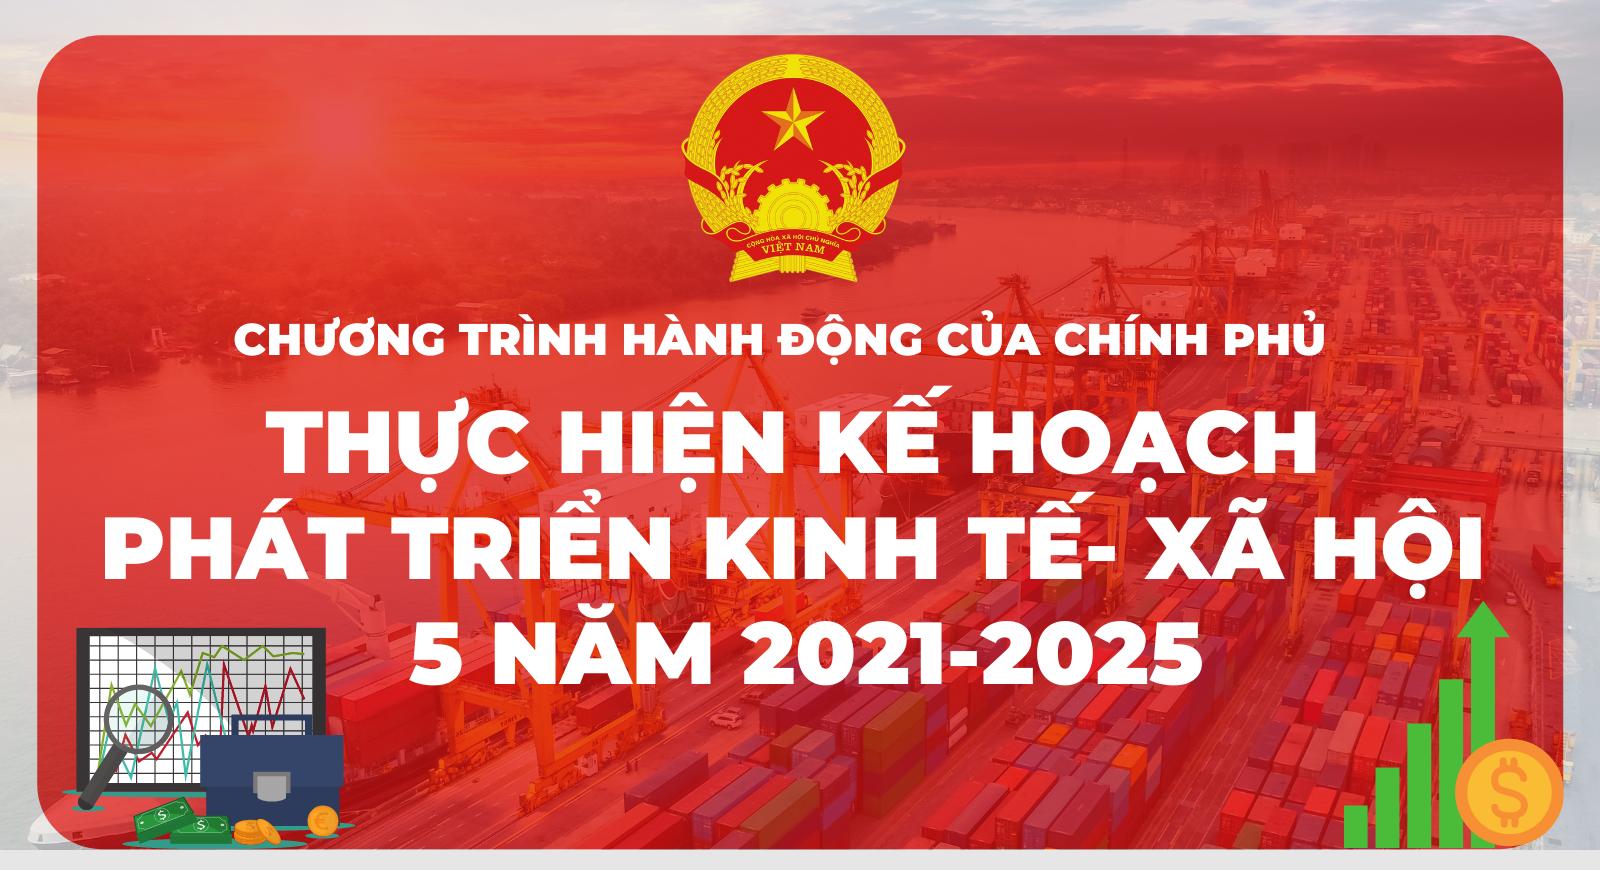 [Infographic] Chương trình hành động của Chính phủ: Thực hiện Kế hoạch phát triển kinh tế - xã hội 5 năm 2021-2025